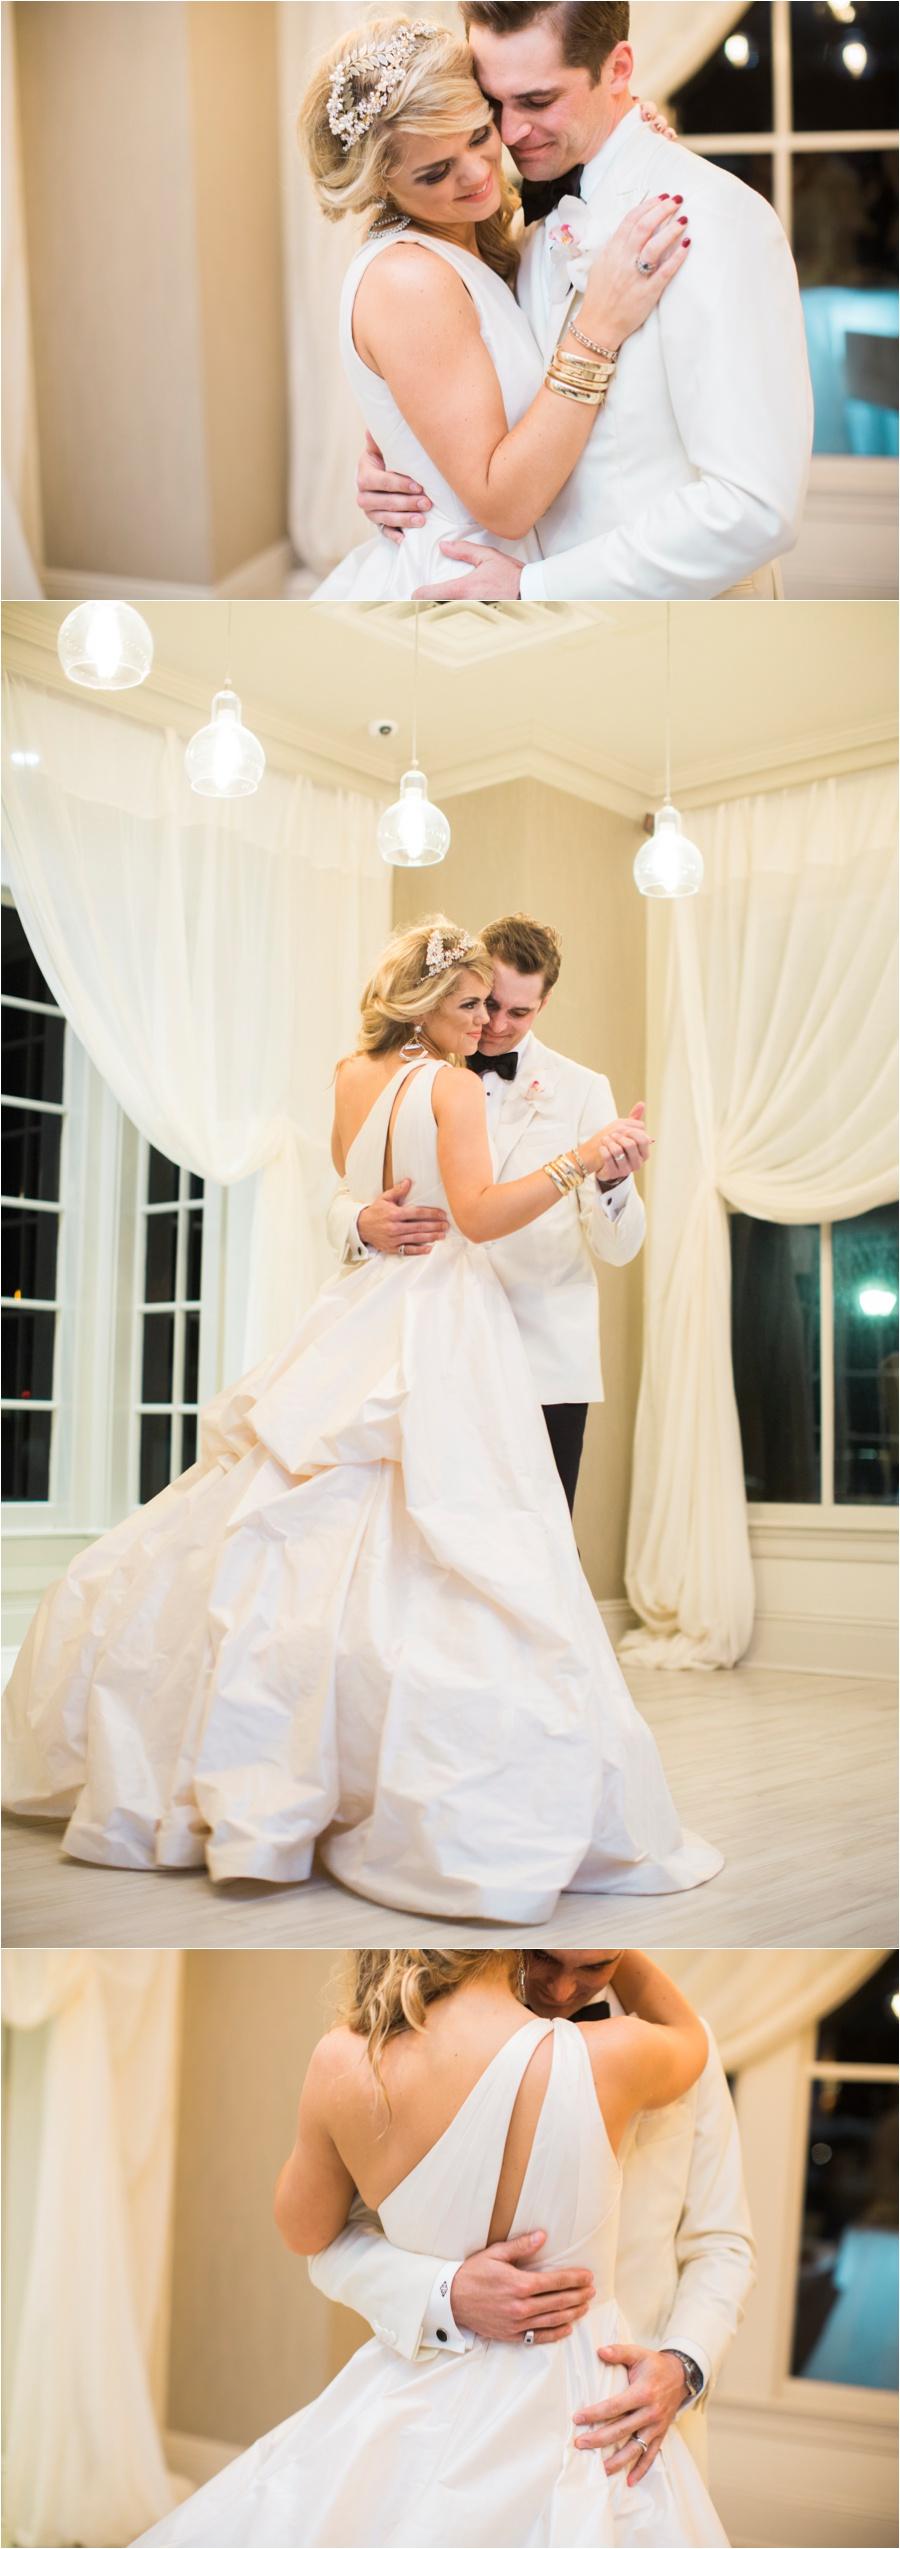 40_biloxi wedding photographer.jpg